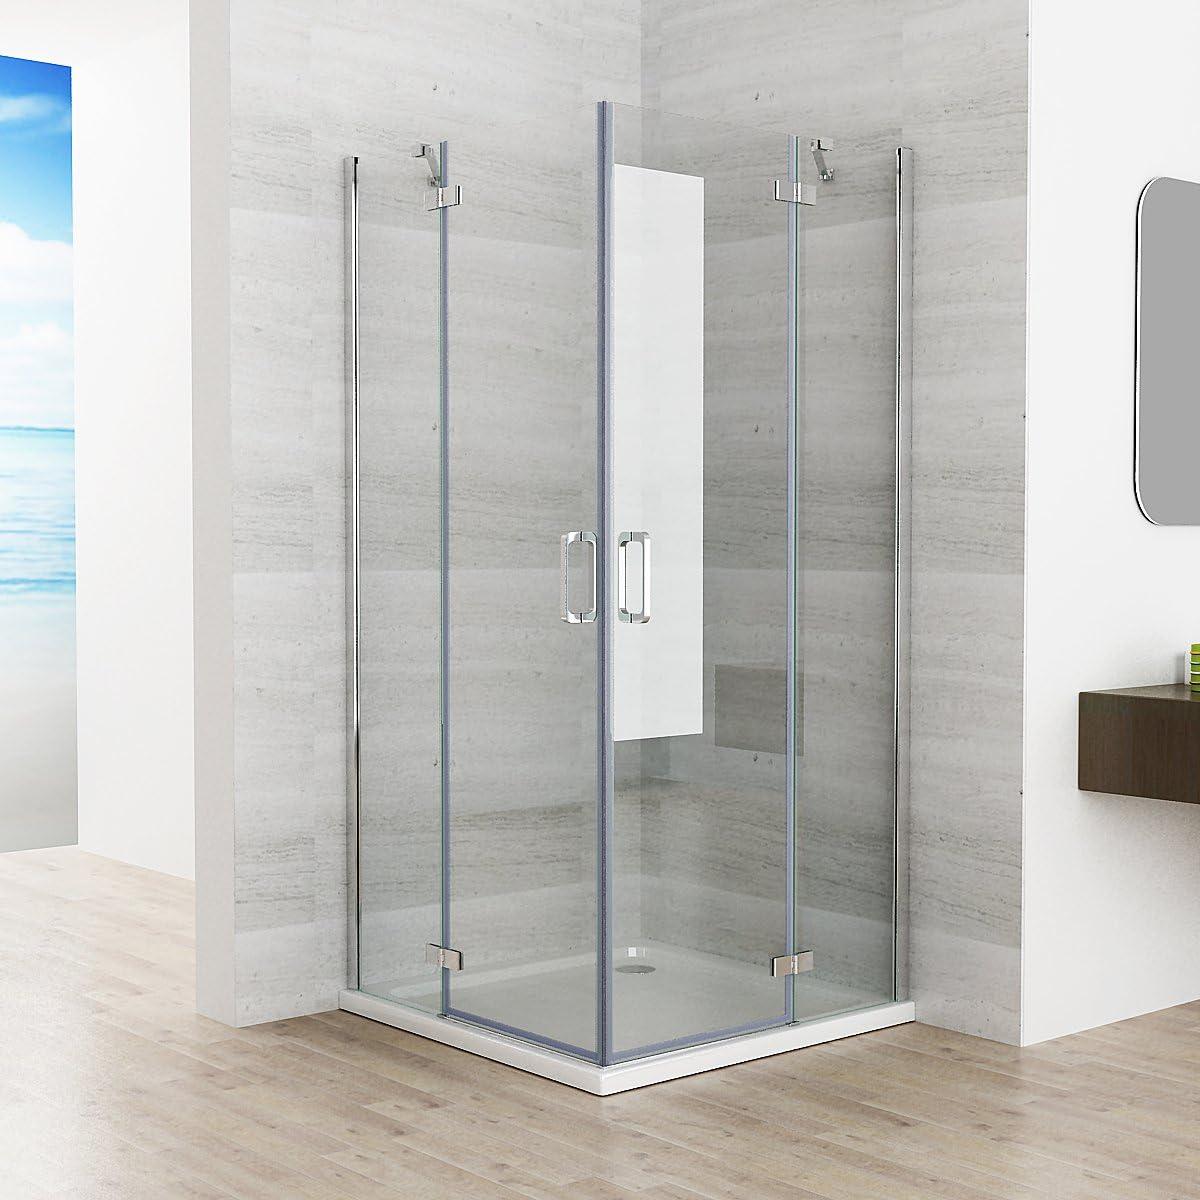 90 x 90 x 195 cm cabinas de ducha esquina. Ducha Bisagra Puerta Puerta de ducha Mampara de vidrio de Nano jaf: Amazon.es: Bricolaje y herramientas